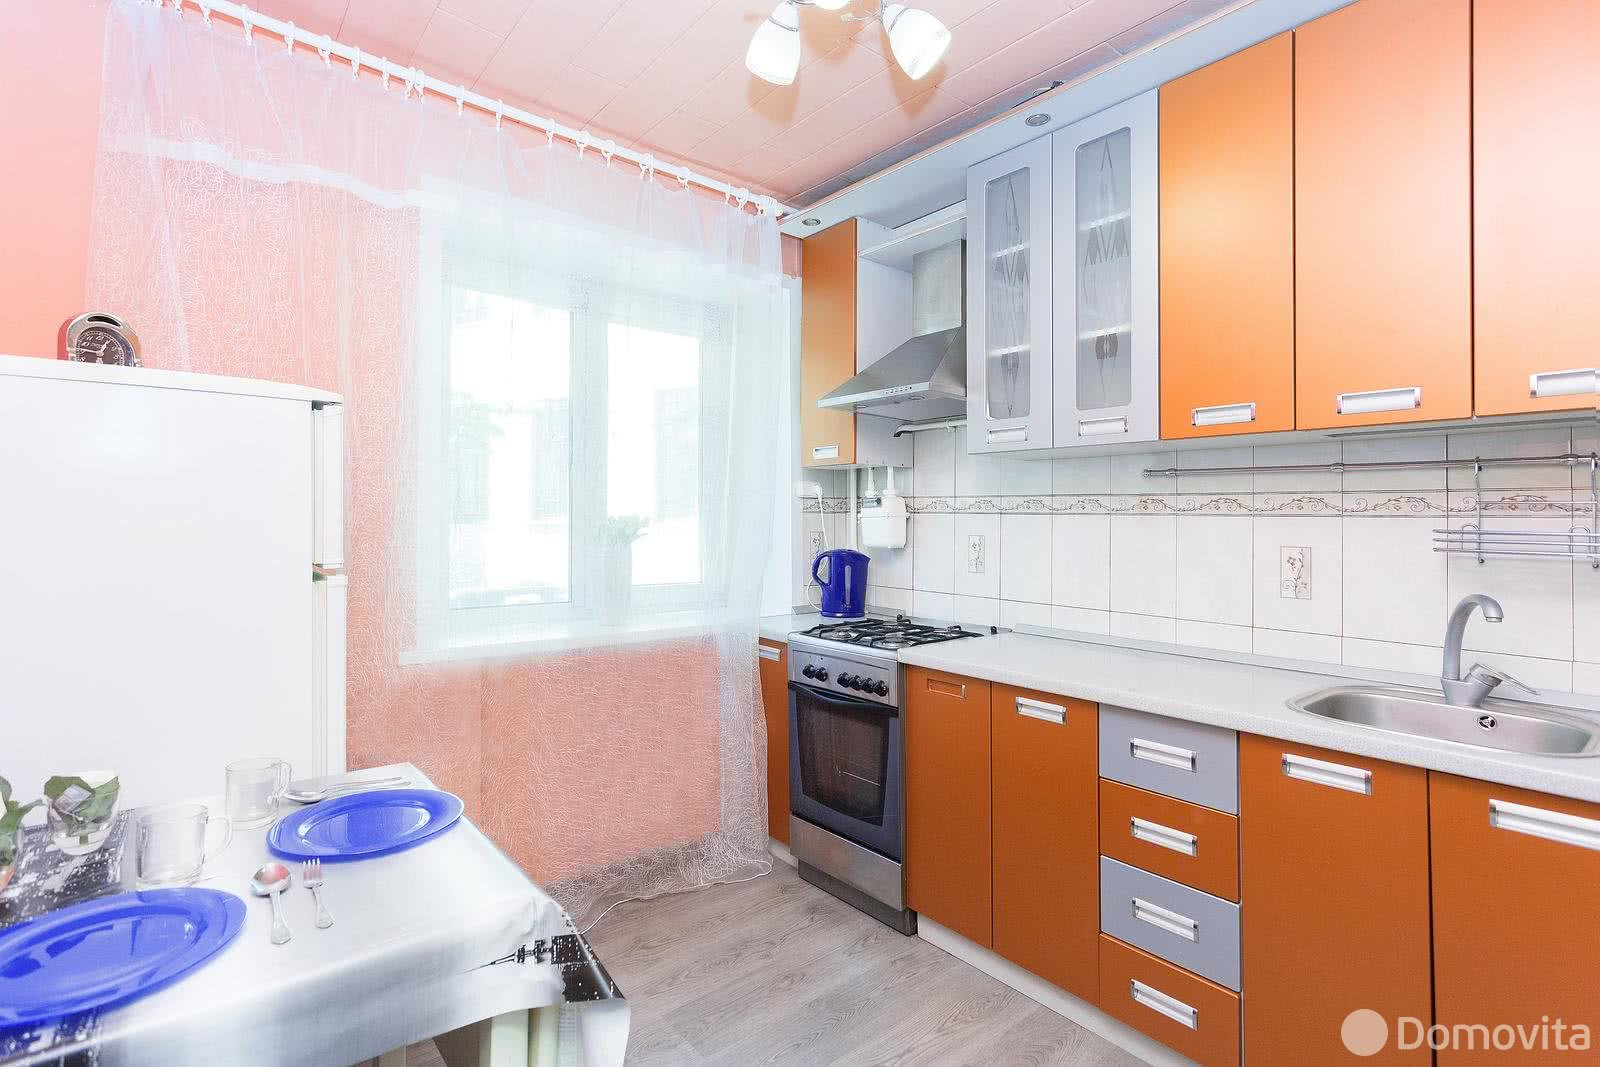 1-комнатная квартира на сутки в Минске ул. Городской Вал, д. 9 - фото 6